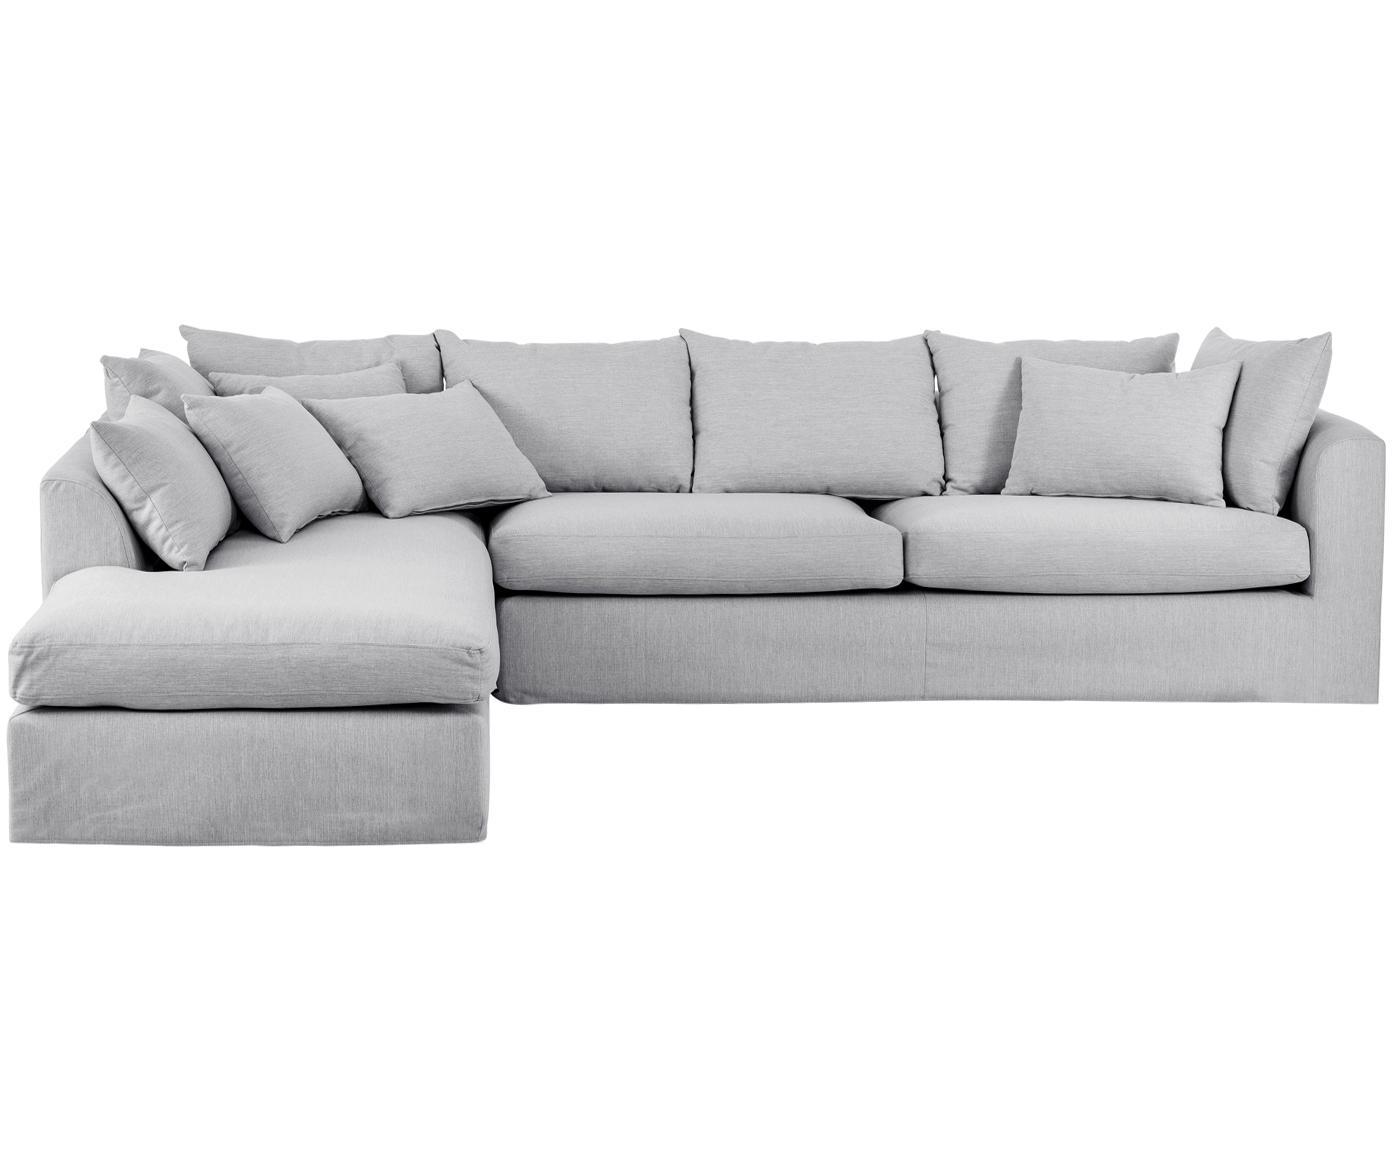 Sofa narożna Zach, Tapicerka: polipropylen, Nogi: tworzywo sztuczne, Szary, S 300 x G 213 cm